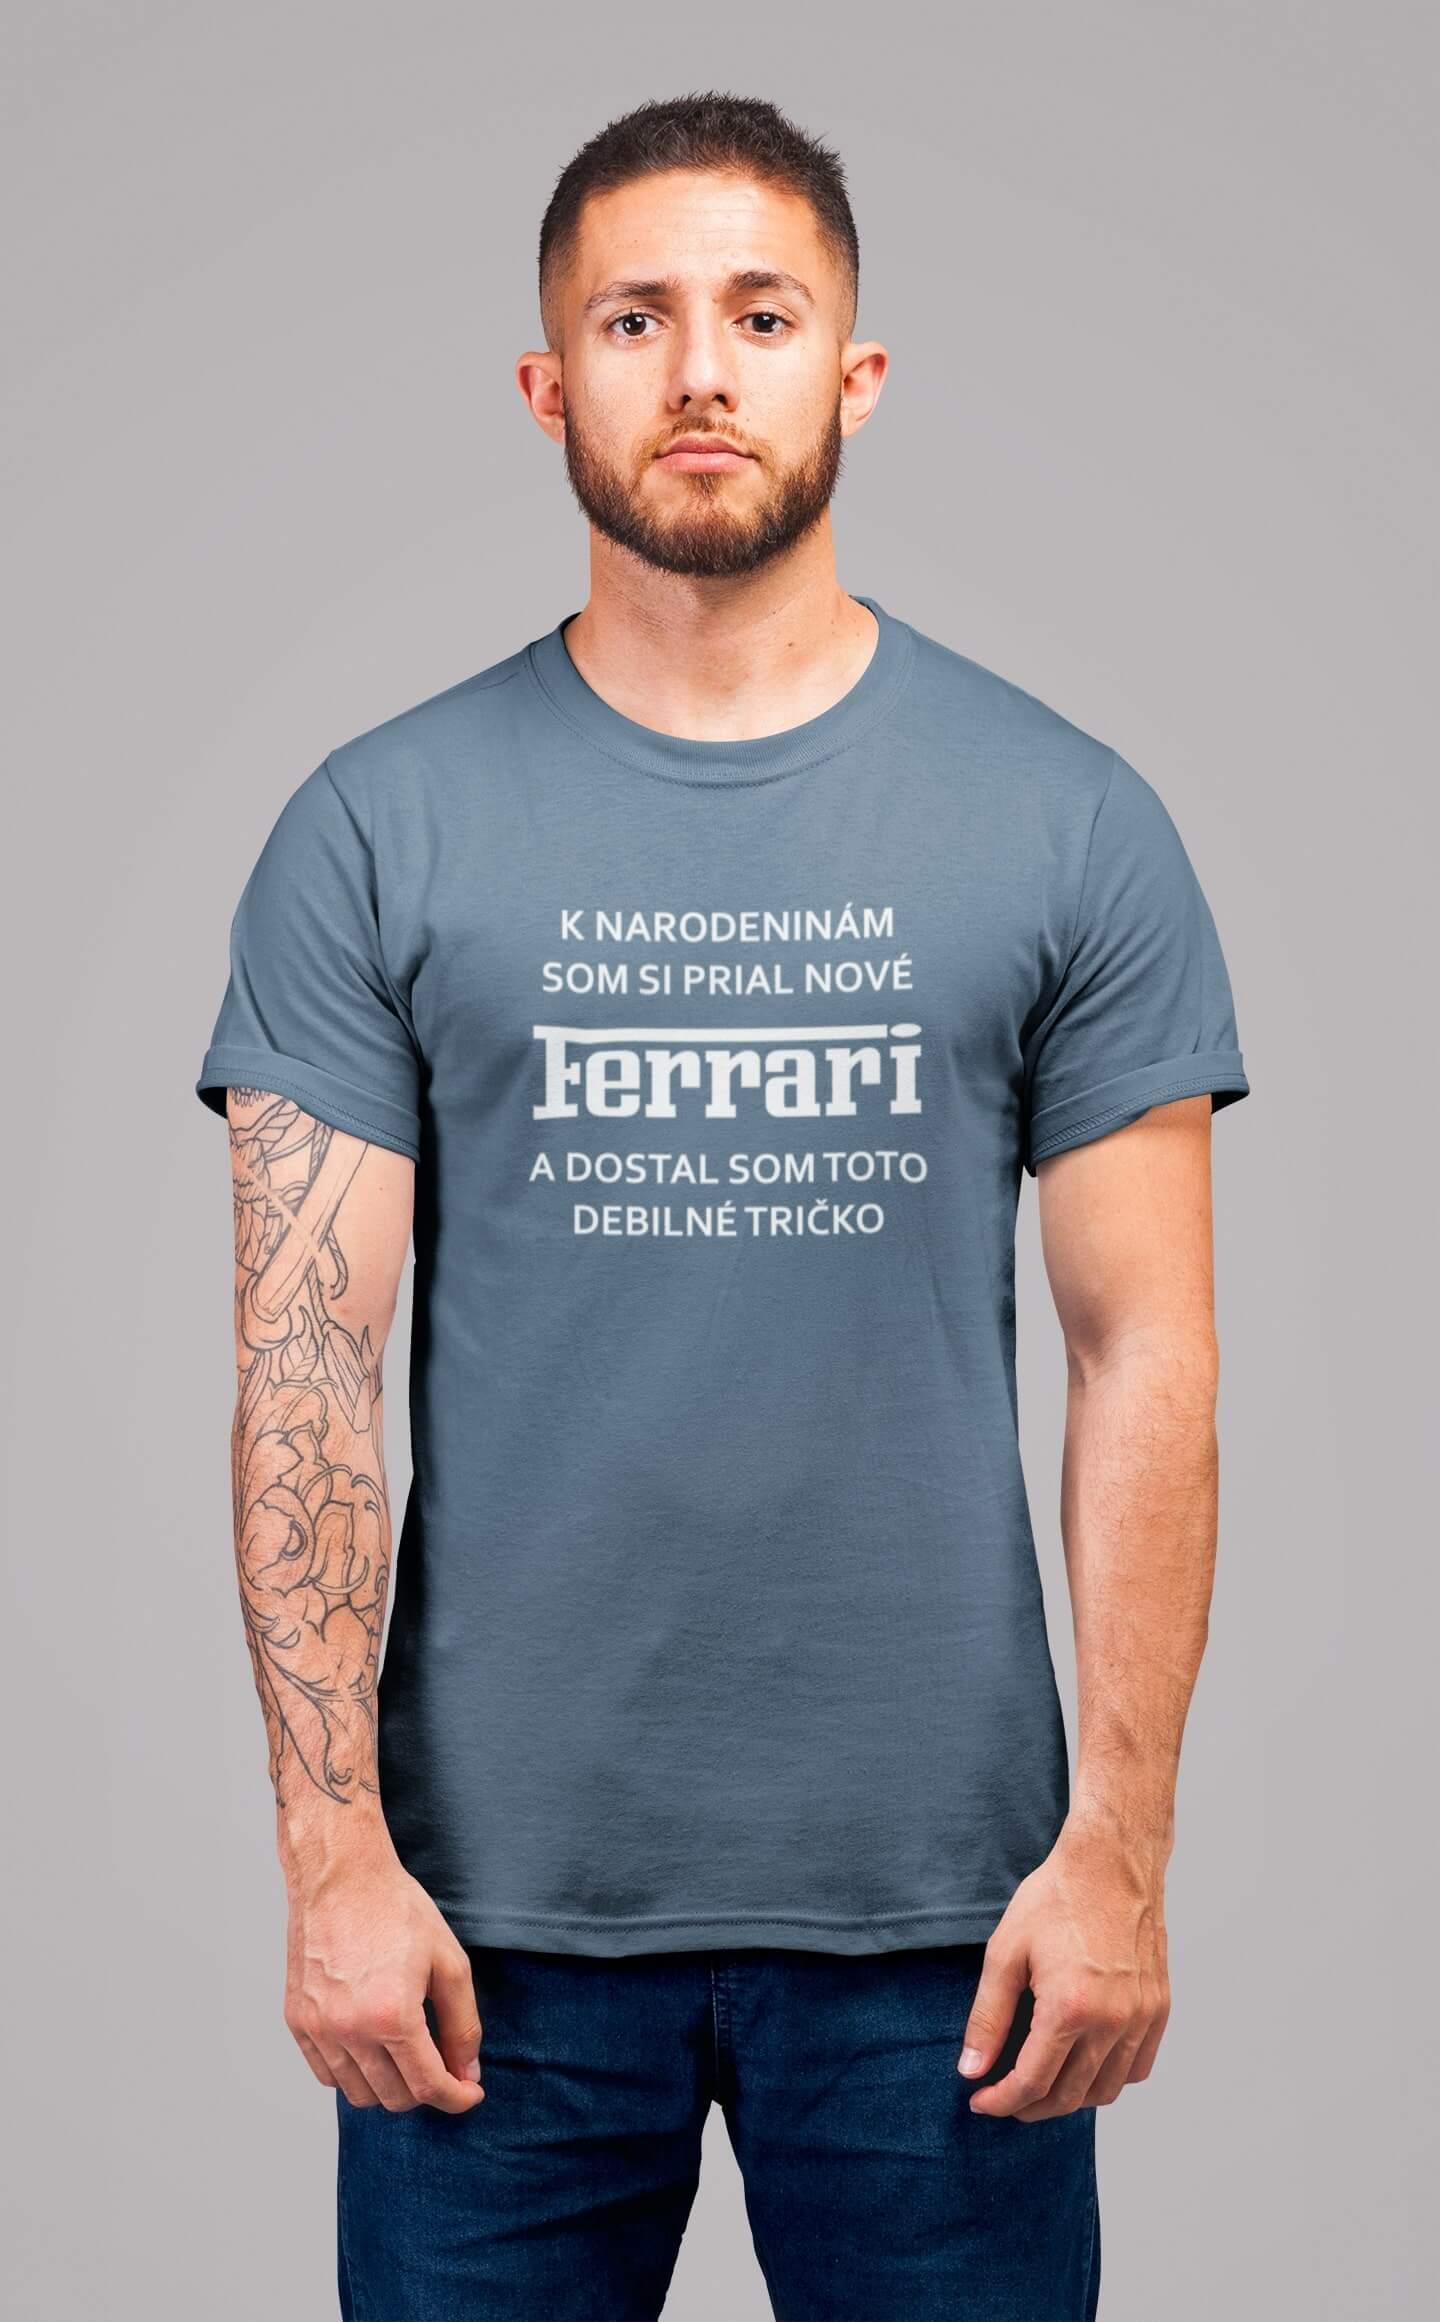 MMO Pánske tričko FERRARI Vyberte farbu: Denim, Vyberte veľkosť: XS